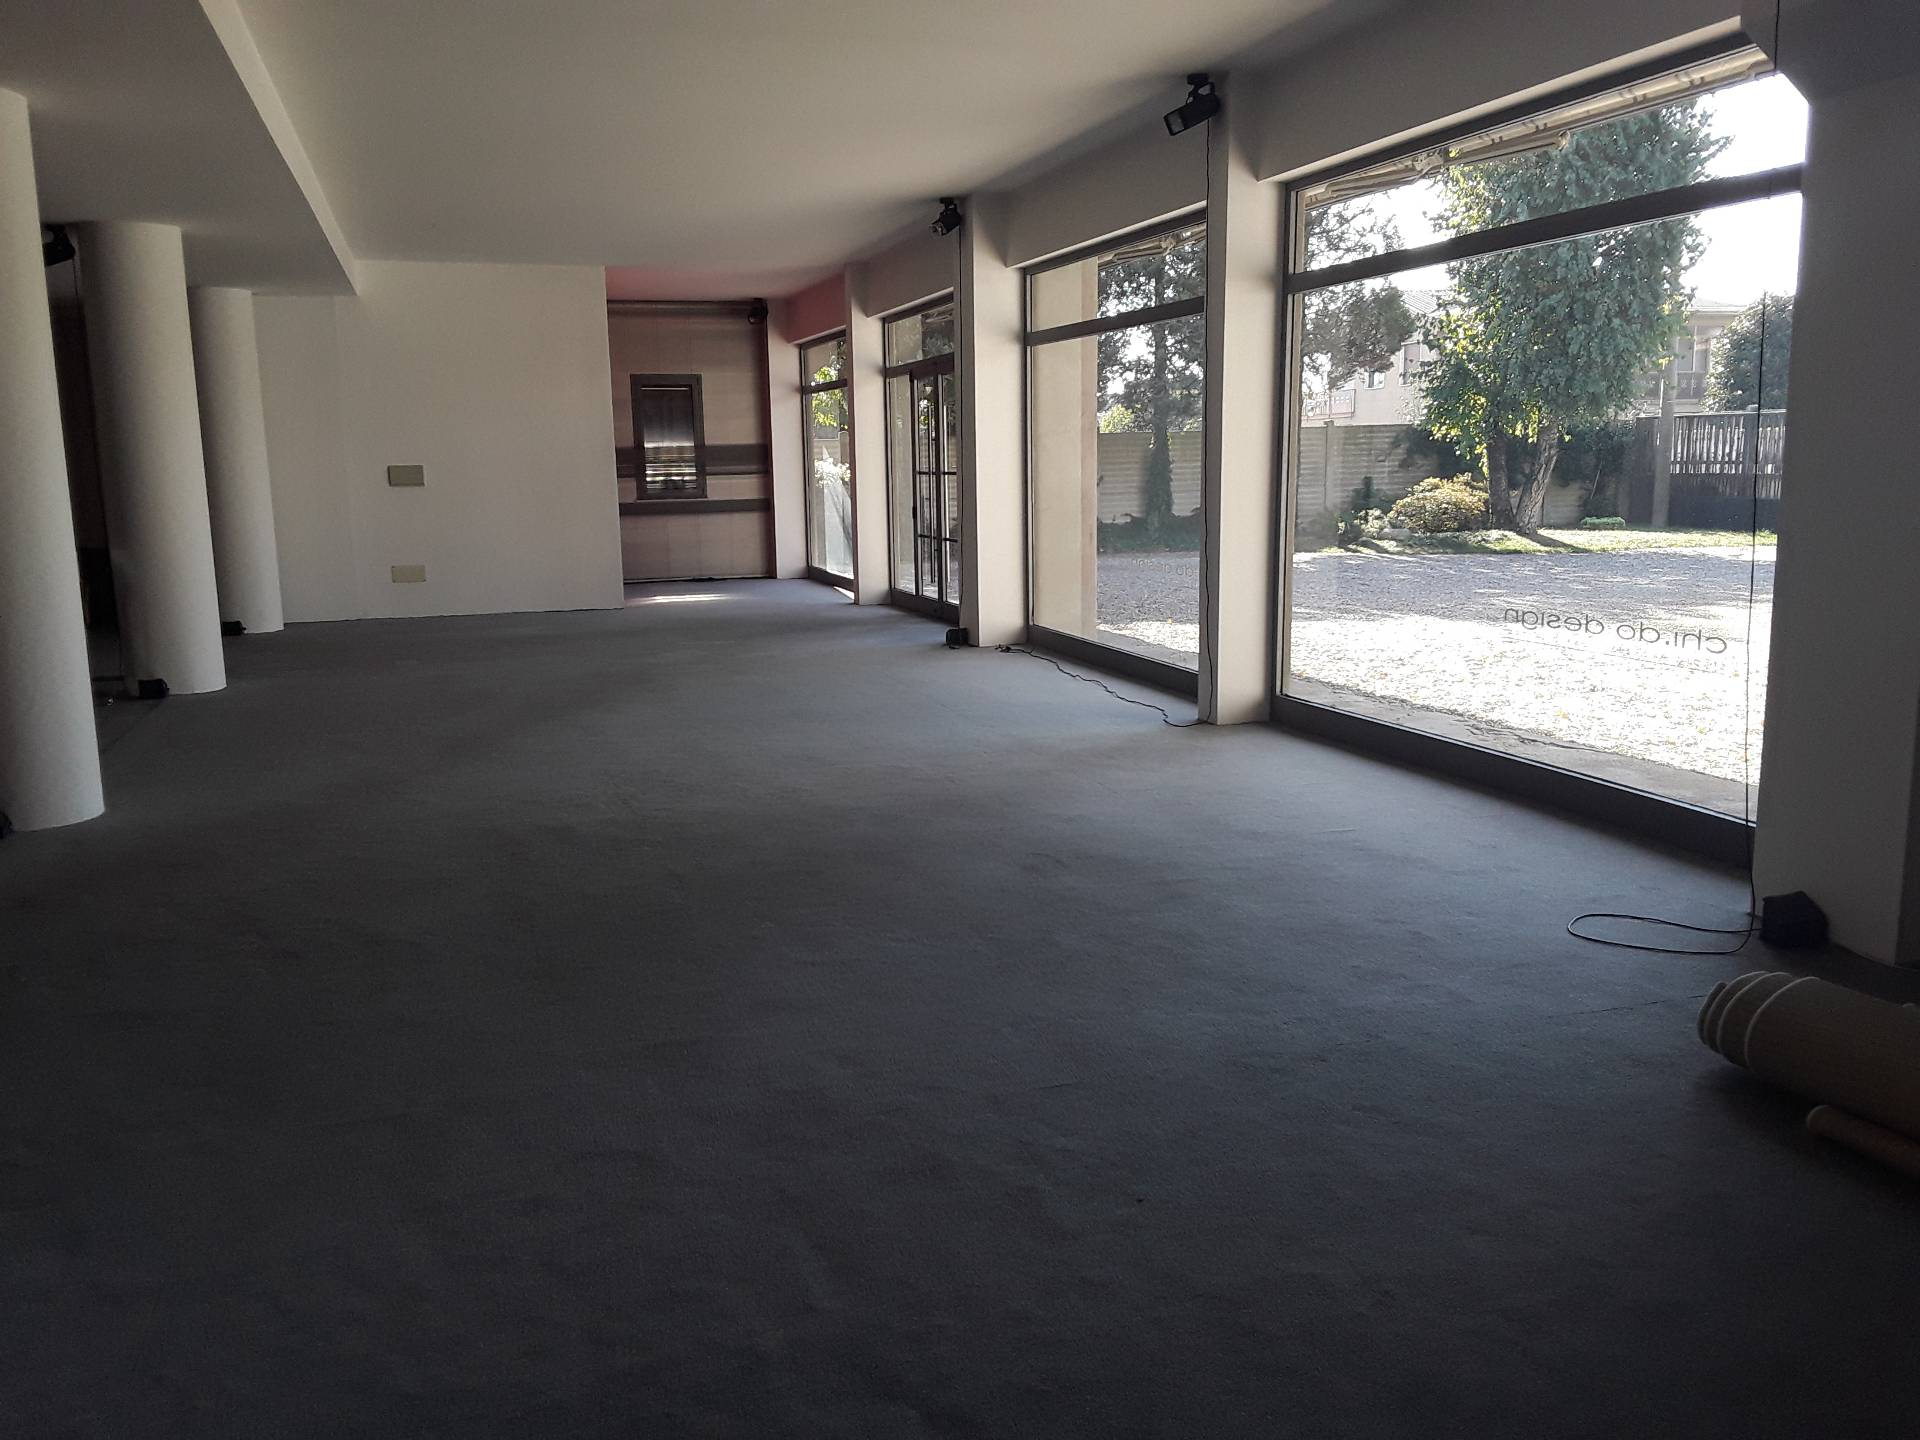 Laboratorio in affitto a Olgiate Olona, 9999 locali, prezzo € 900 | PortaleAgenzieImmobiliari.it